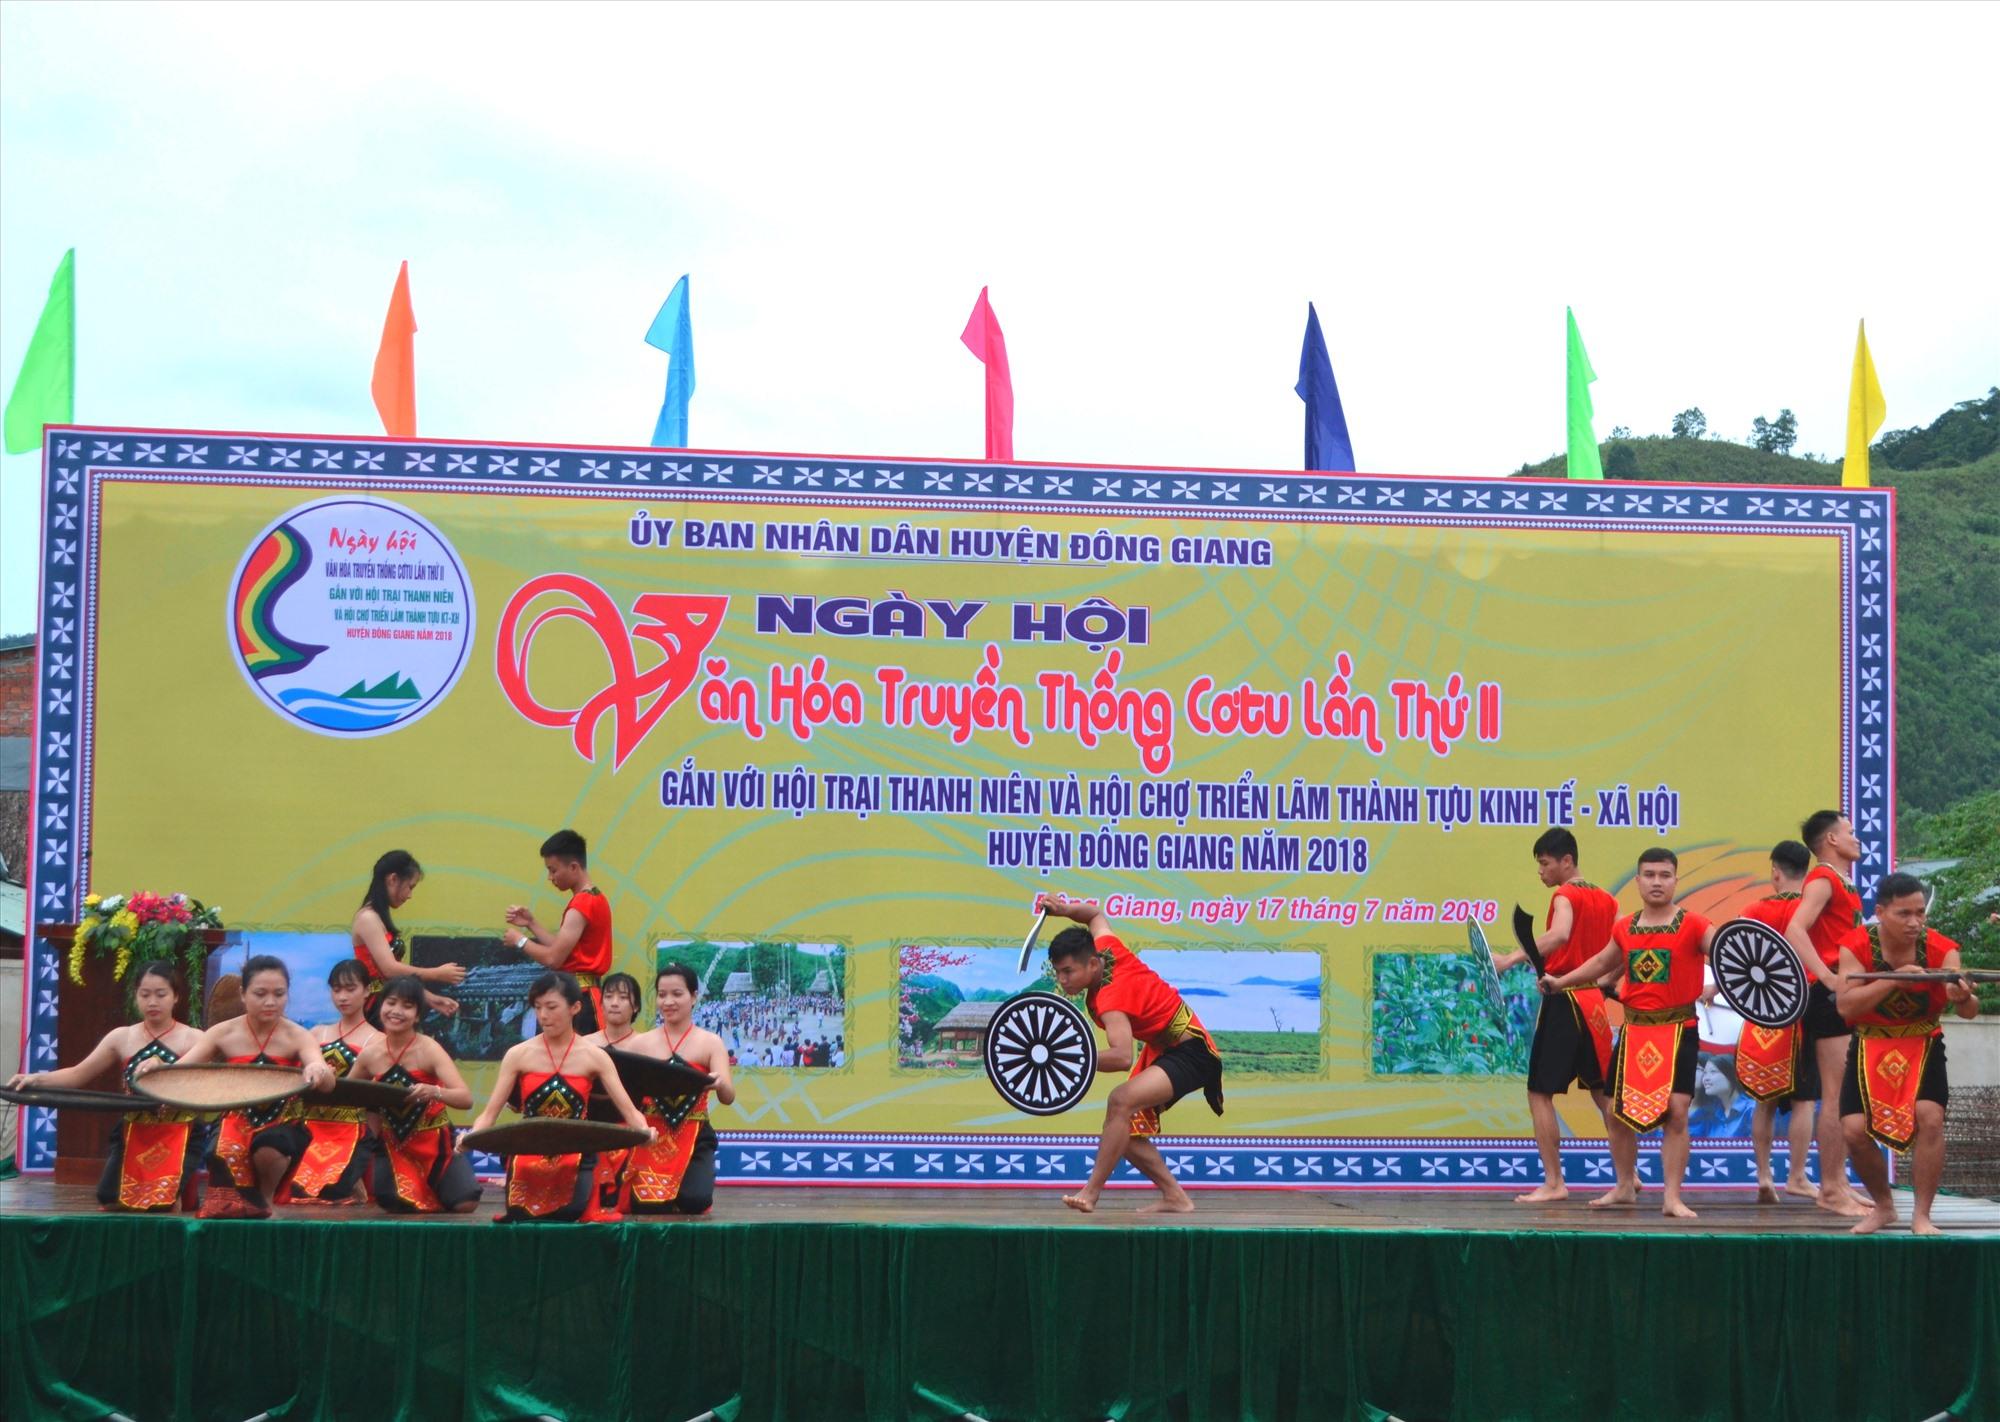 Nghệ thuật truyền thống Cơ Tu được huyện đưa vào biểu diễn tại các lễ hội. Ảnh: C.T